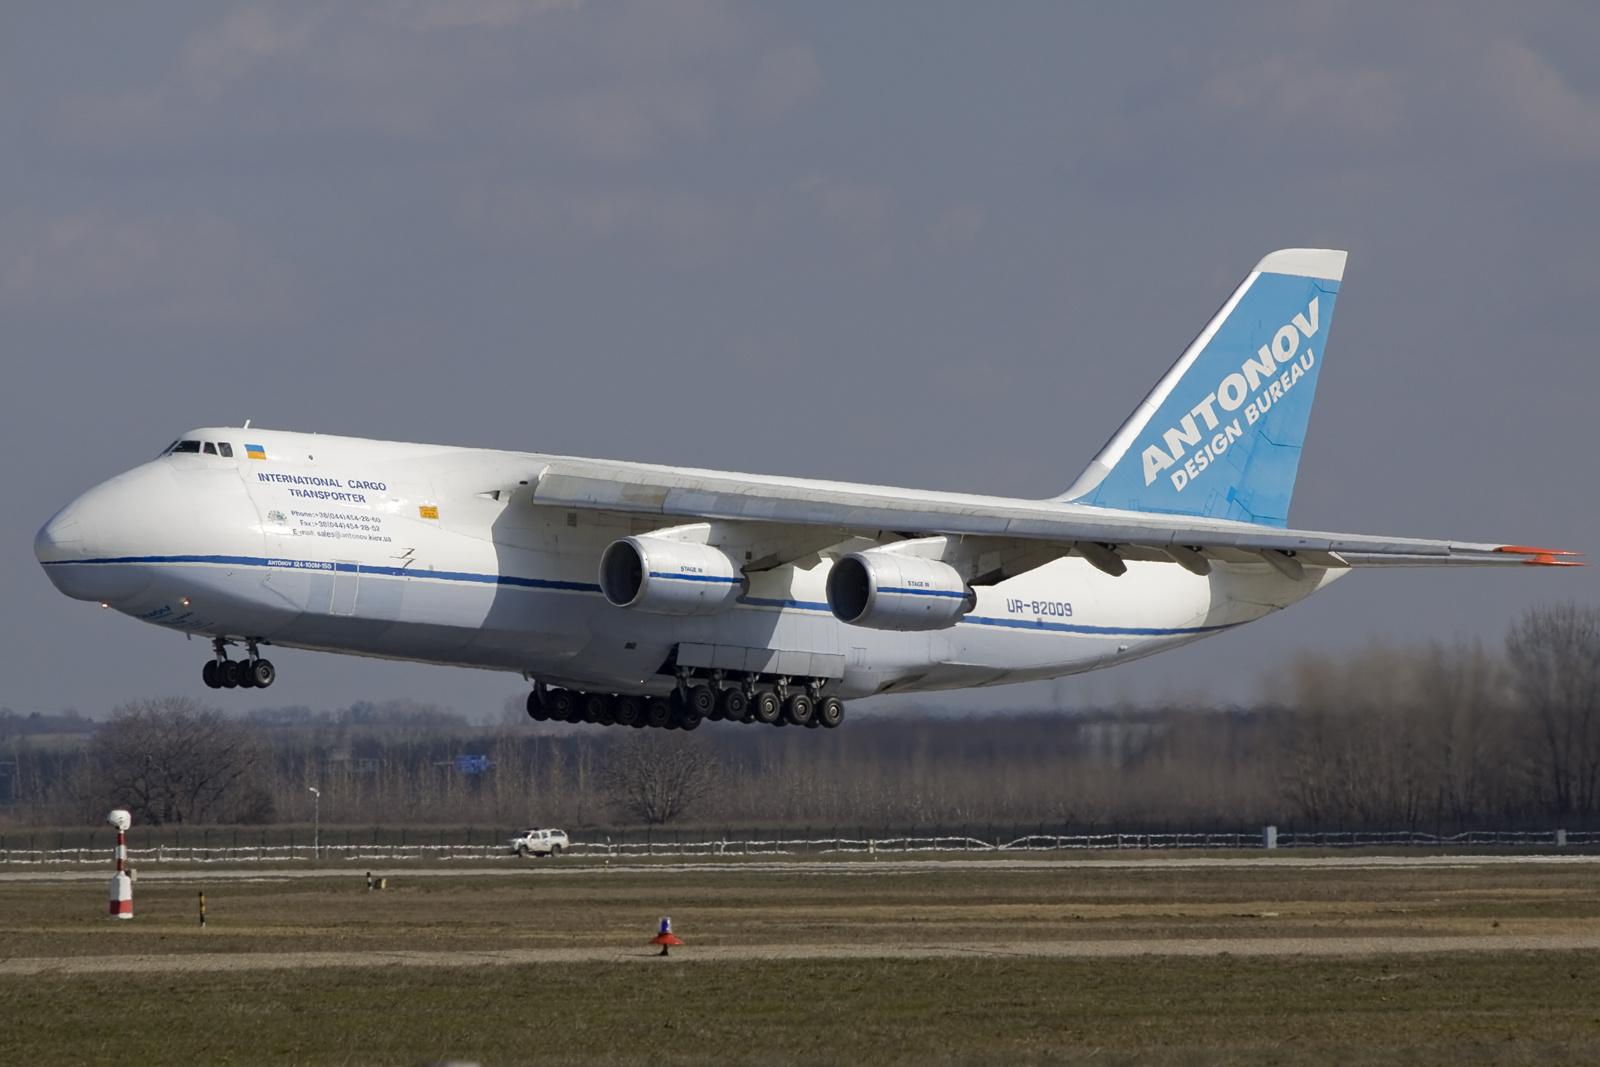 © AIRportal.hu - kép | Légiközlekedés, légitársaságok, repülőgépgyártók, repülőterek, repülés hírek, repülős képek, spotter fotók